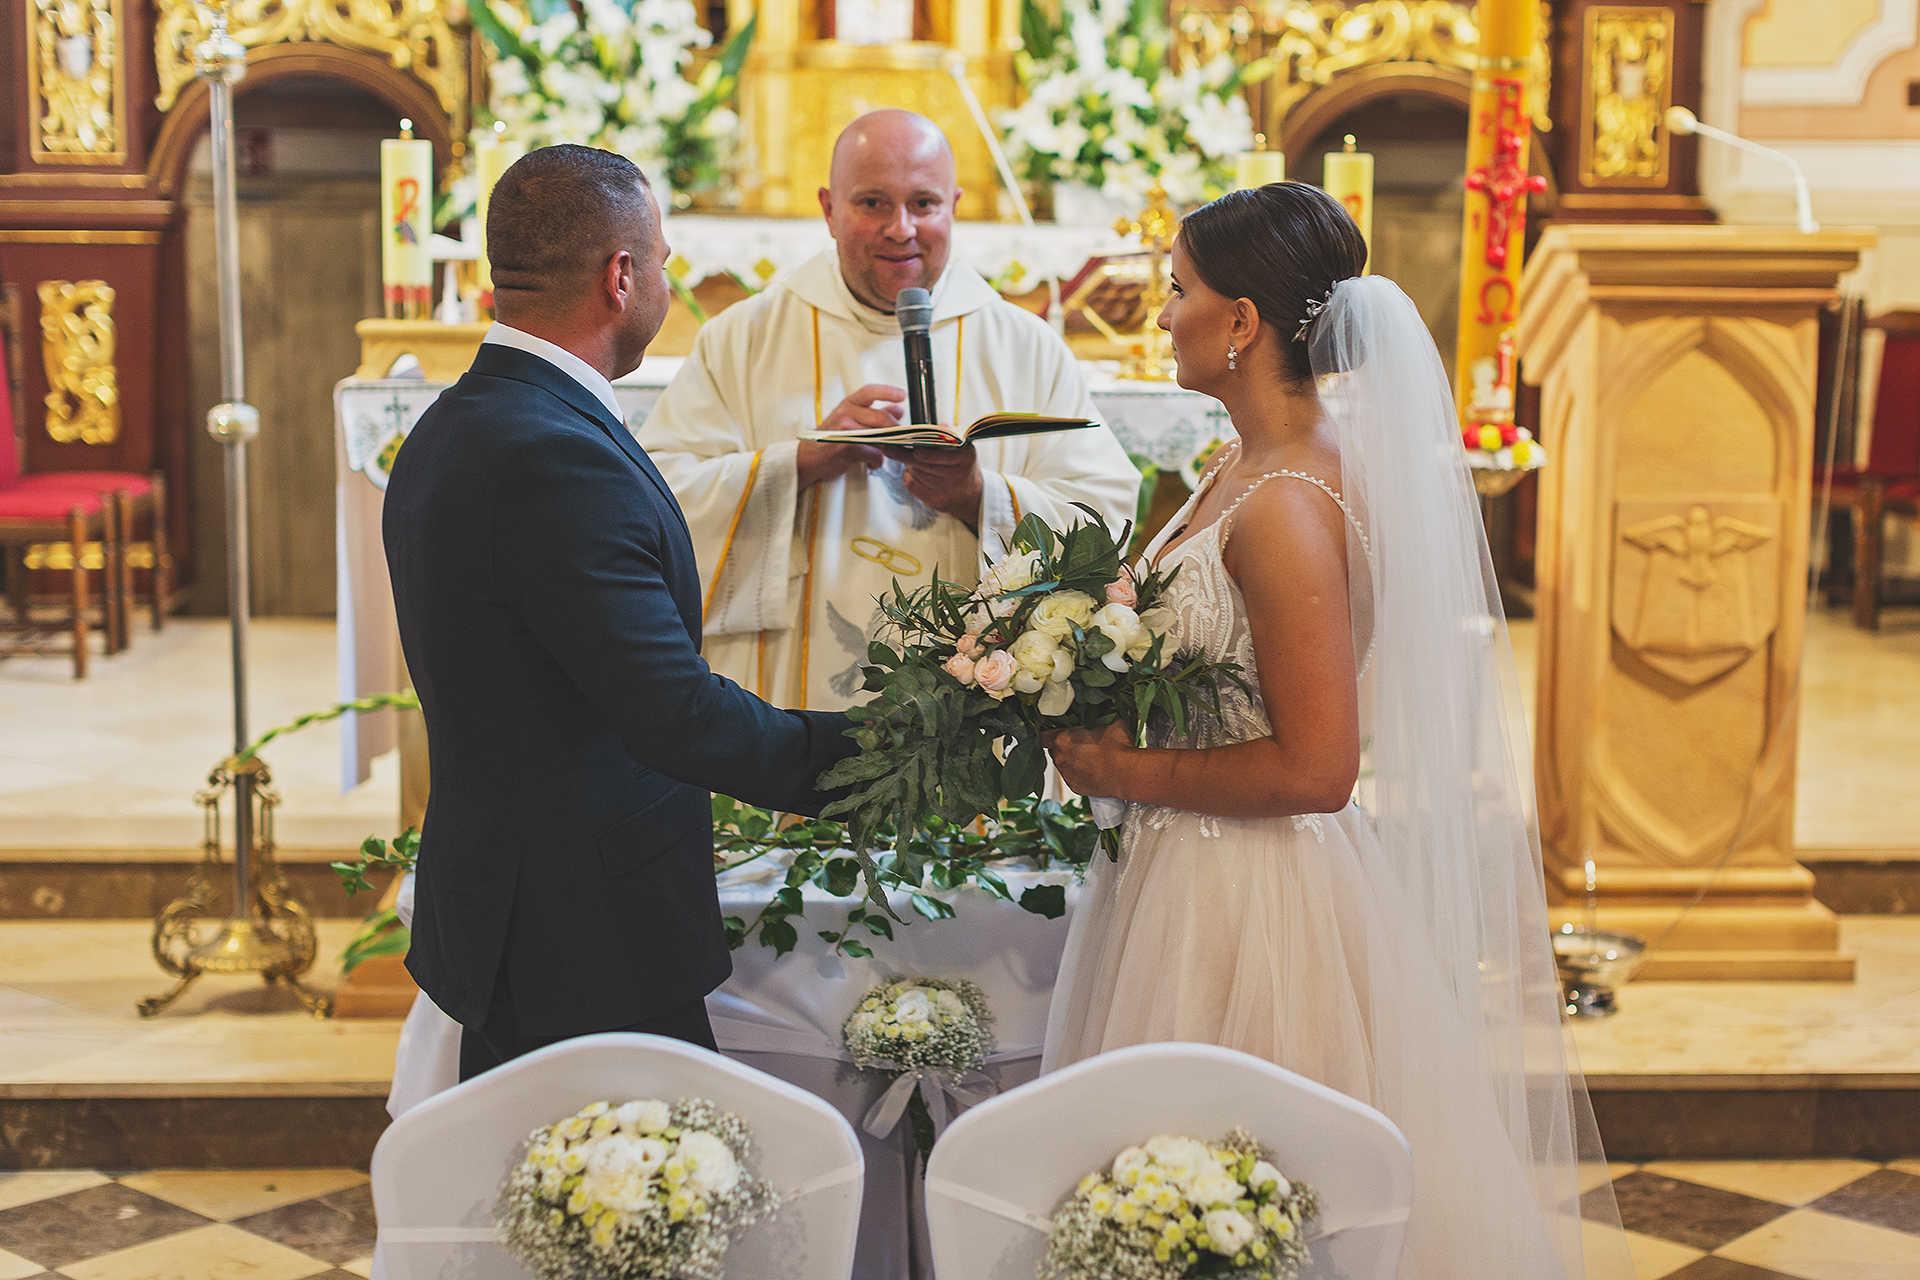 Przysięga małżeńska